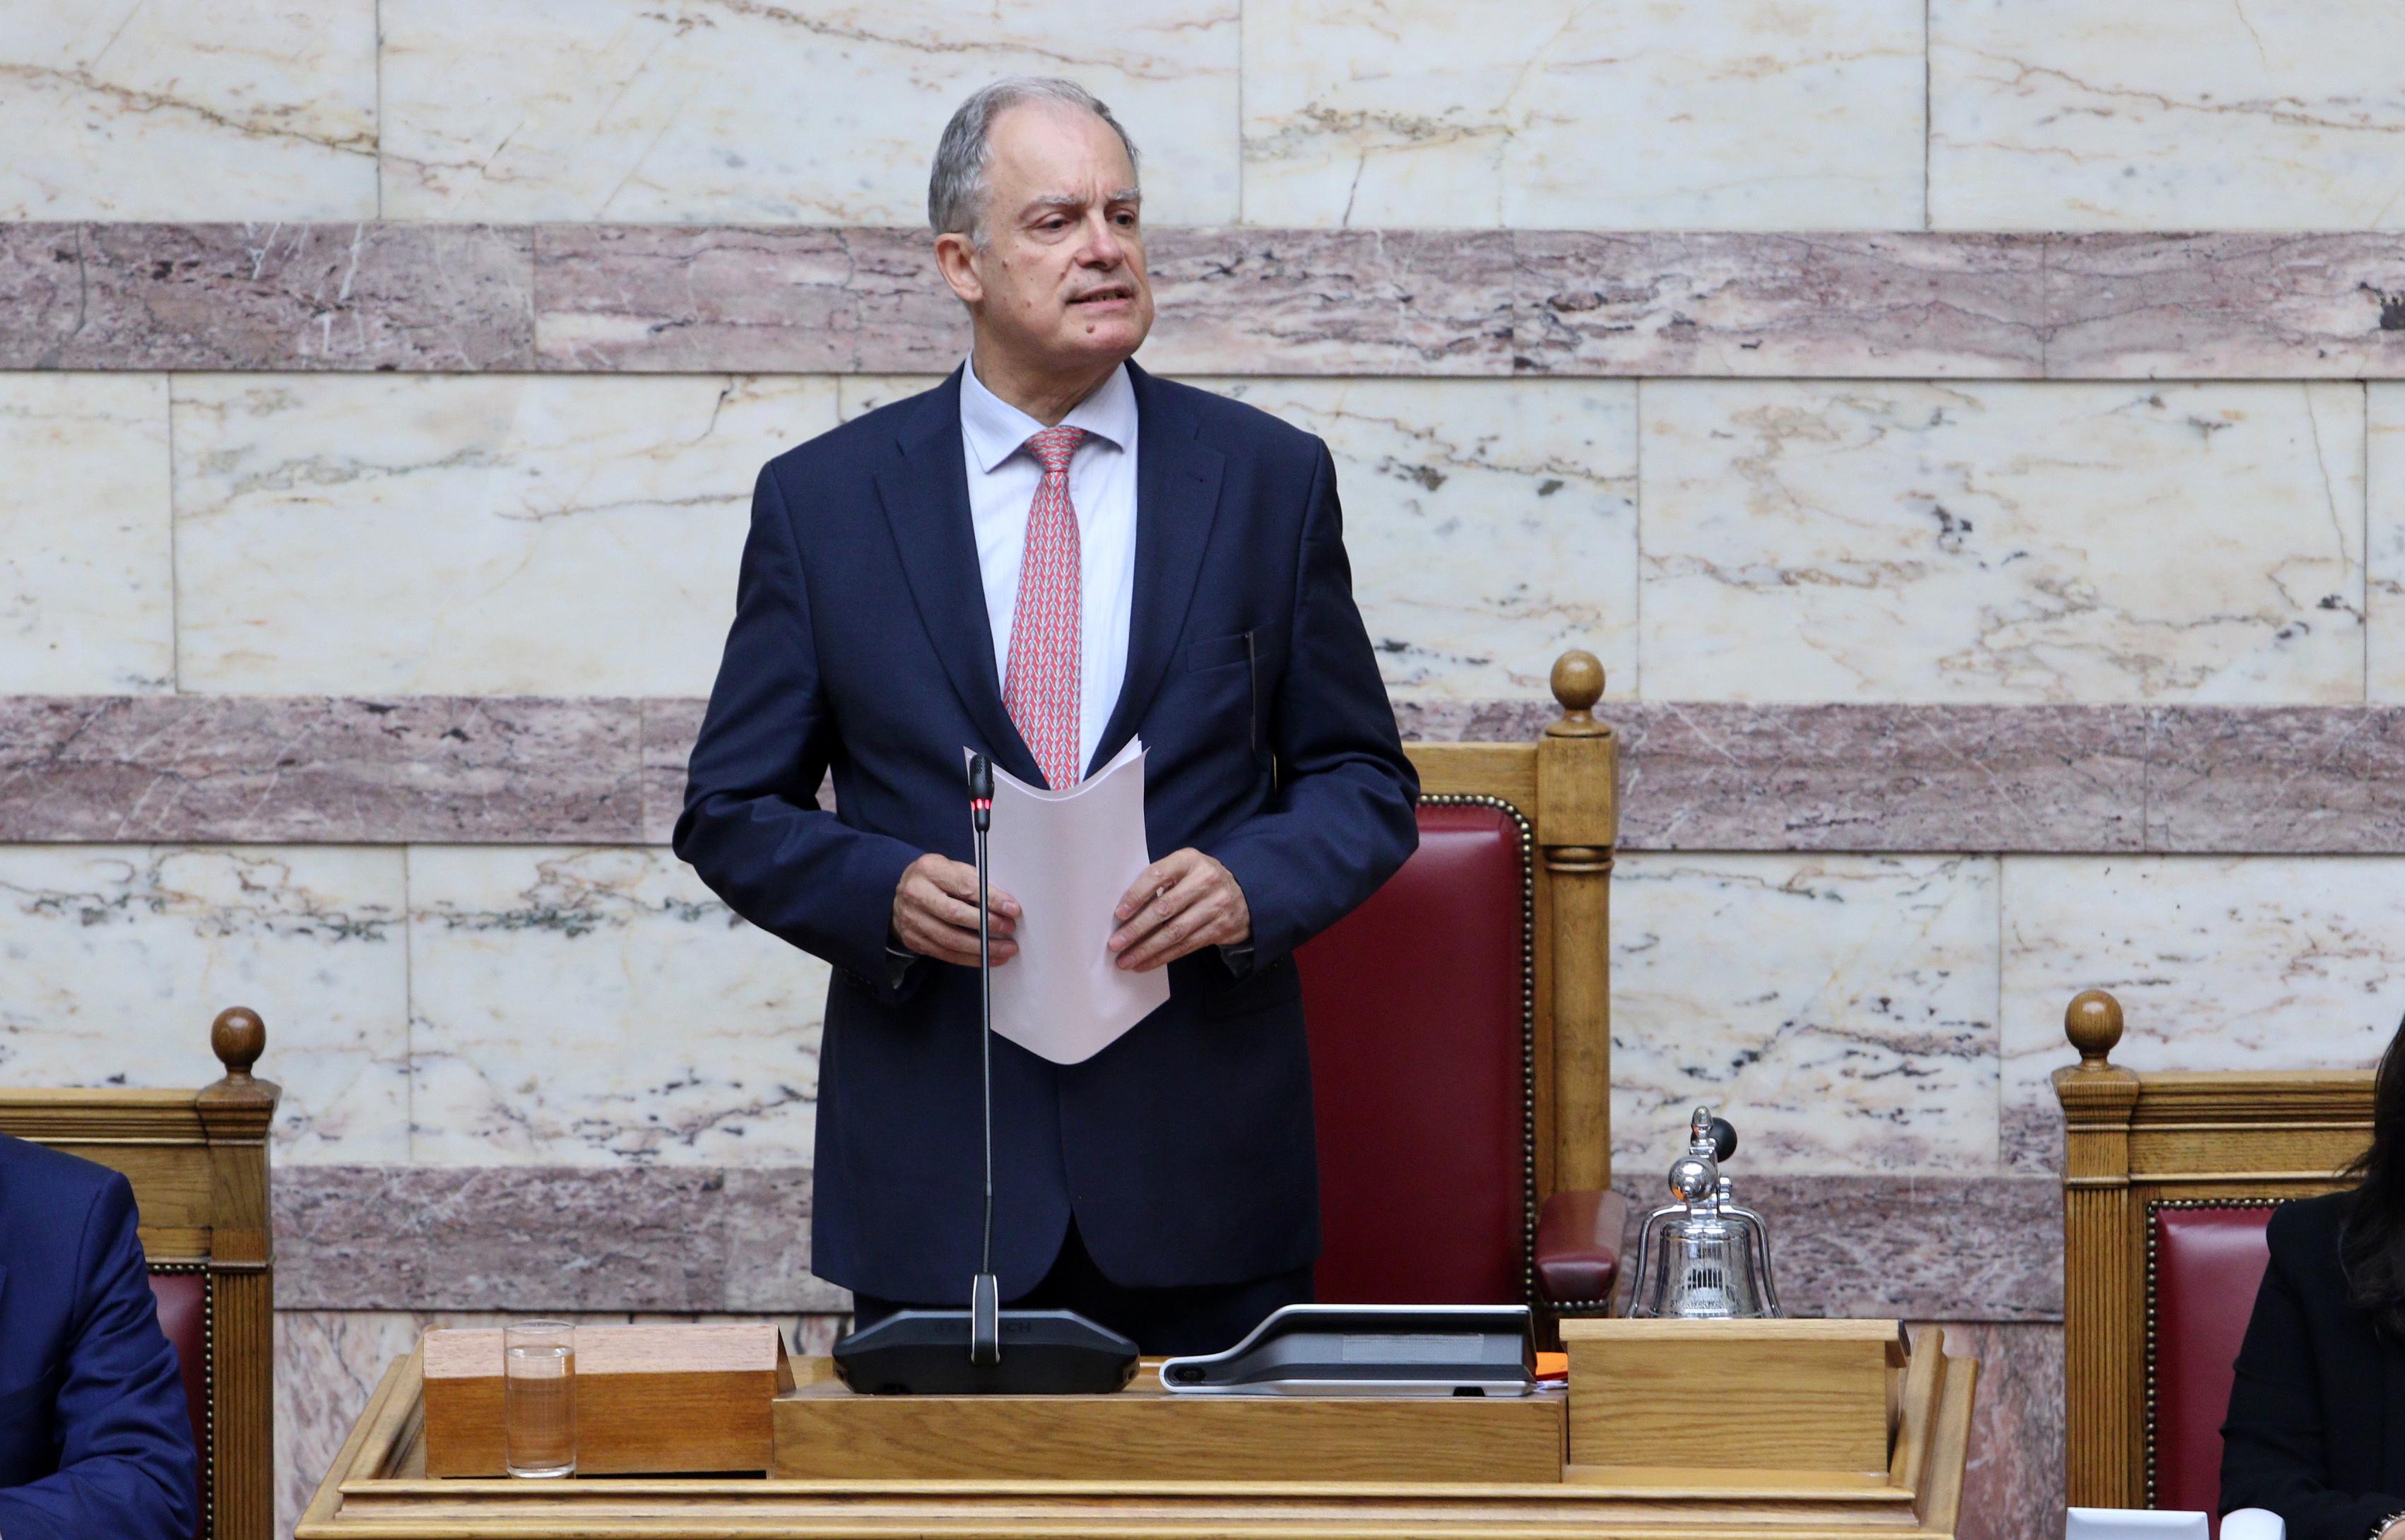 Συγχαρητήρια Παυλόπουλου και Μητσοτάκη στον νέο Πρόεδρο της Βουλής